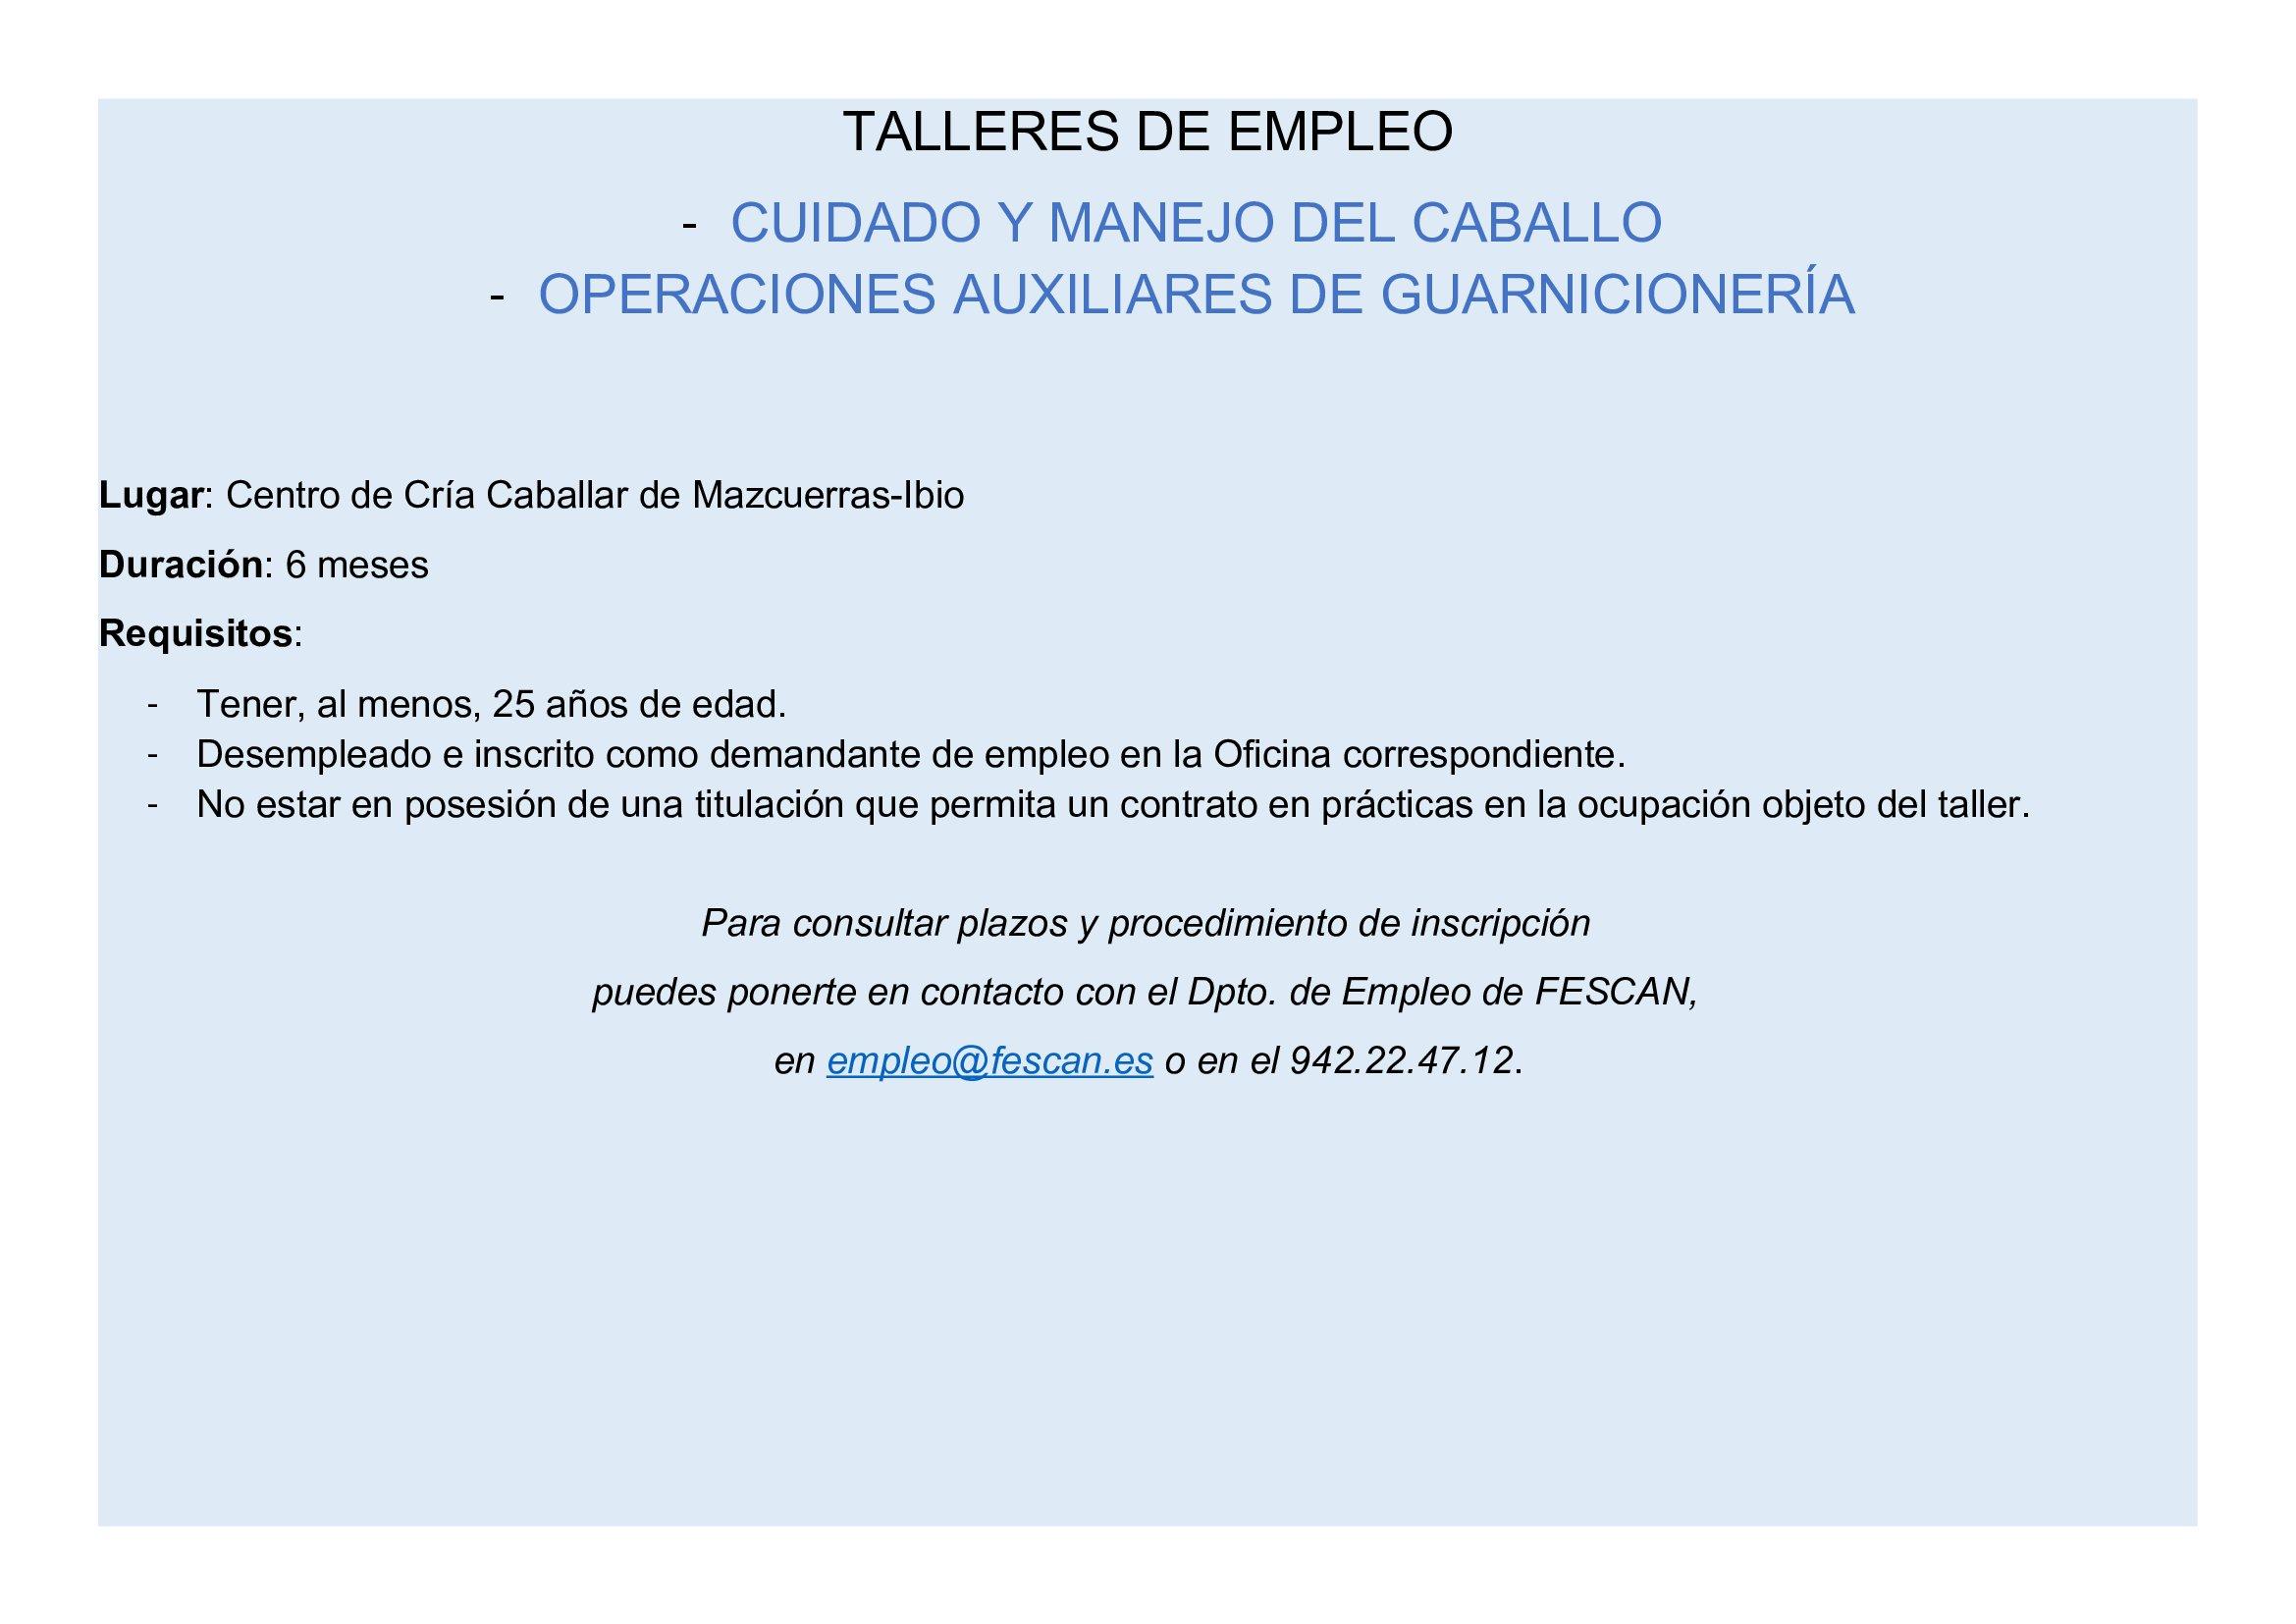 NUEVOS TALLERES DE EMPLEO EN EL CENTRO DE CRÍA CABALLAR DE MAZCUERRAS